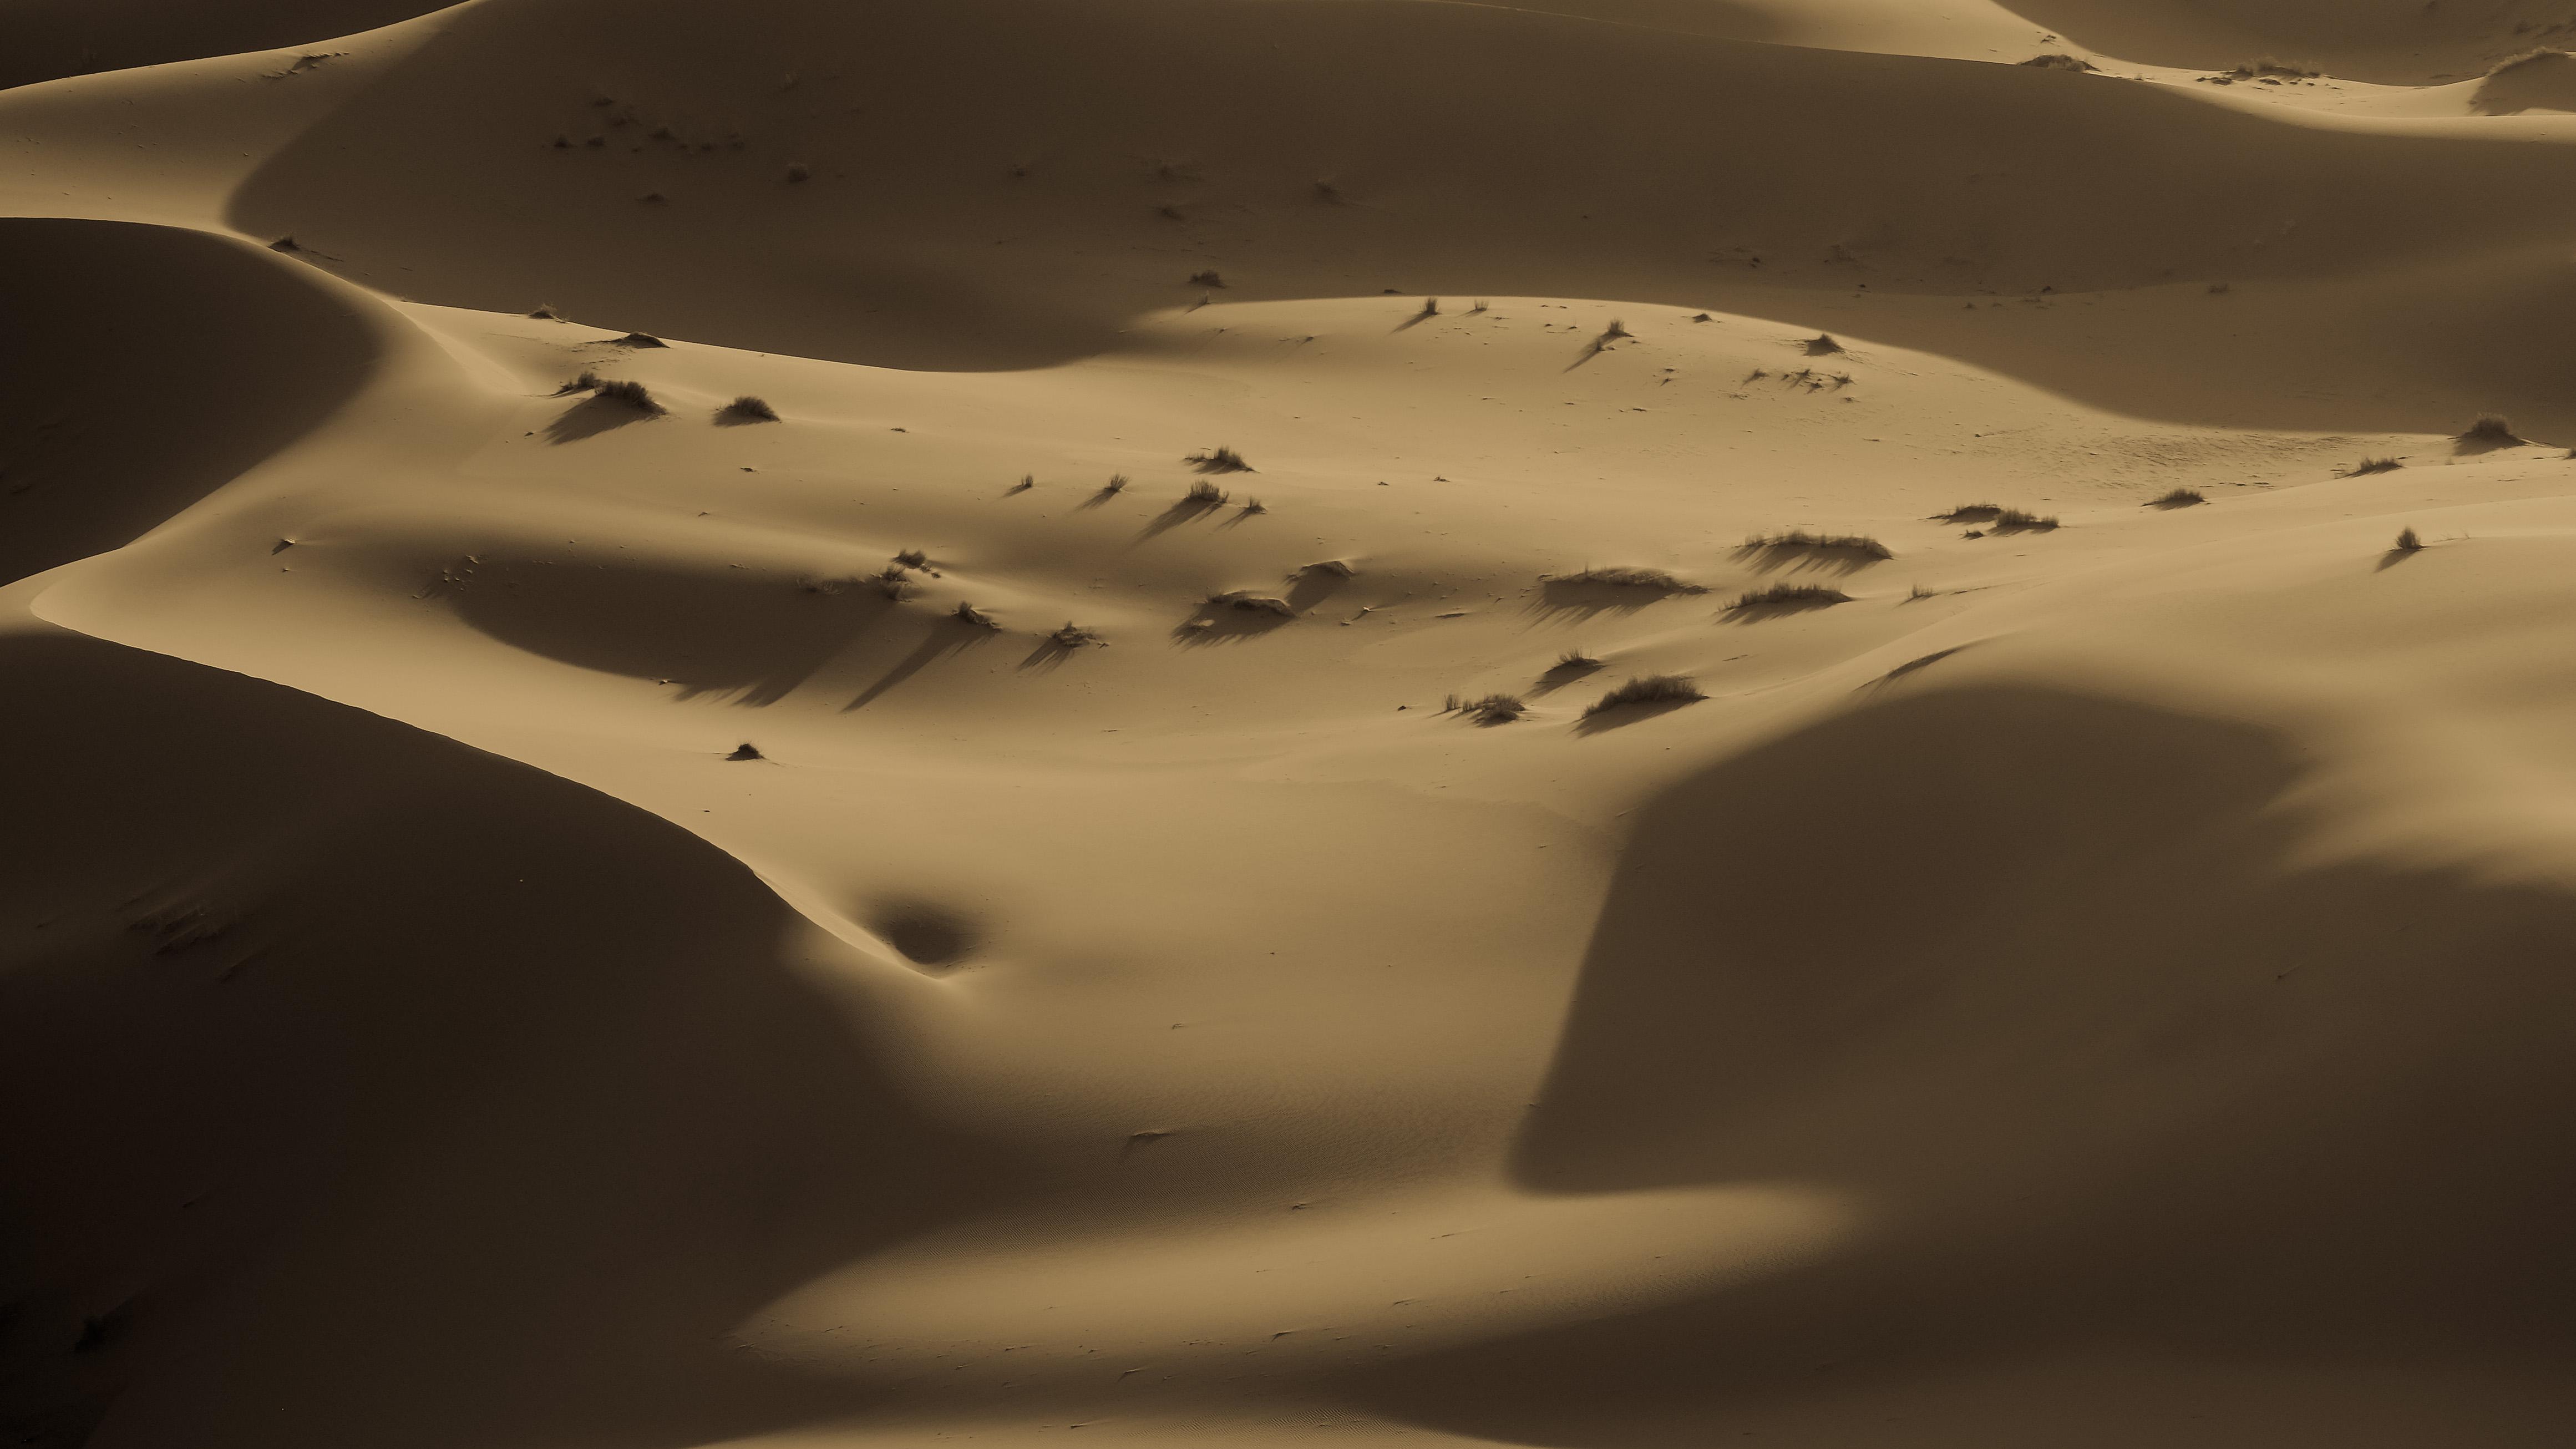 Maroc Desert (5 of 15)